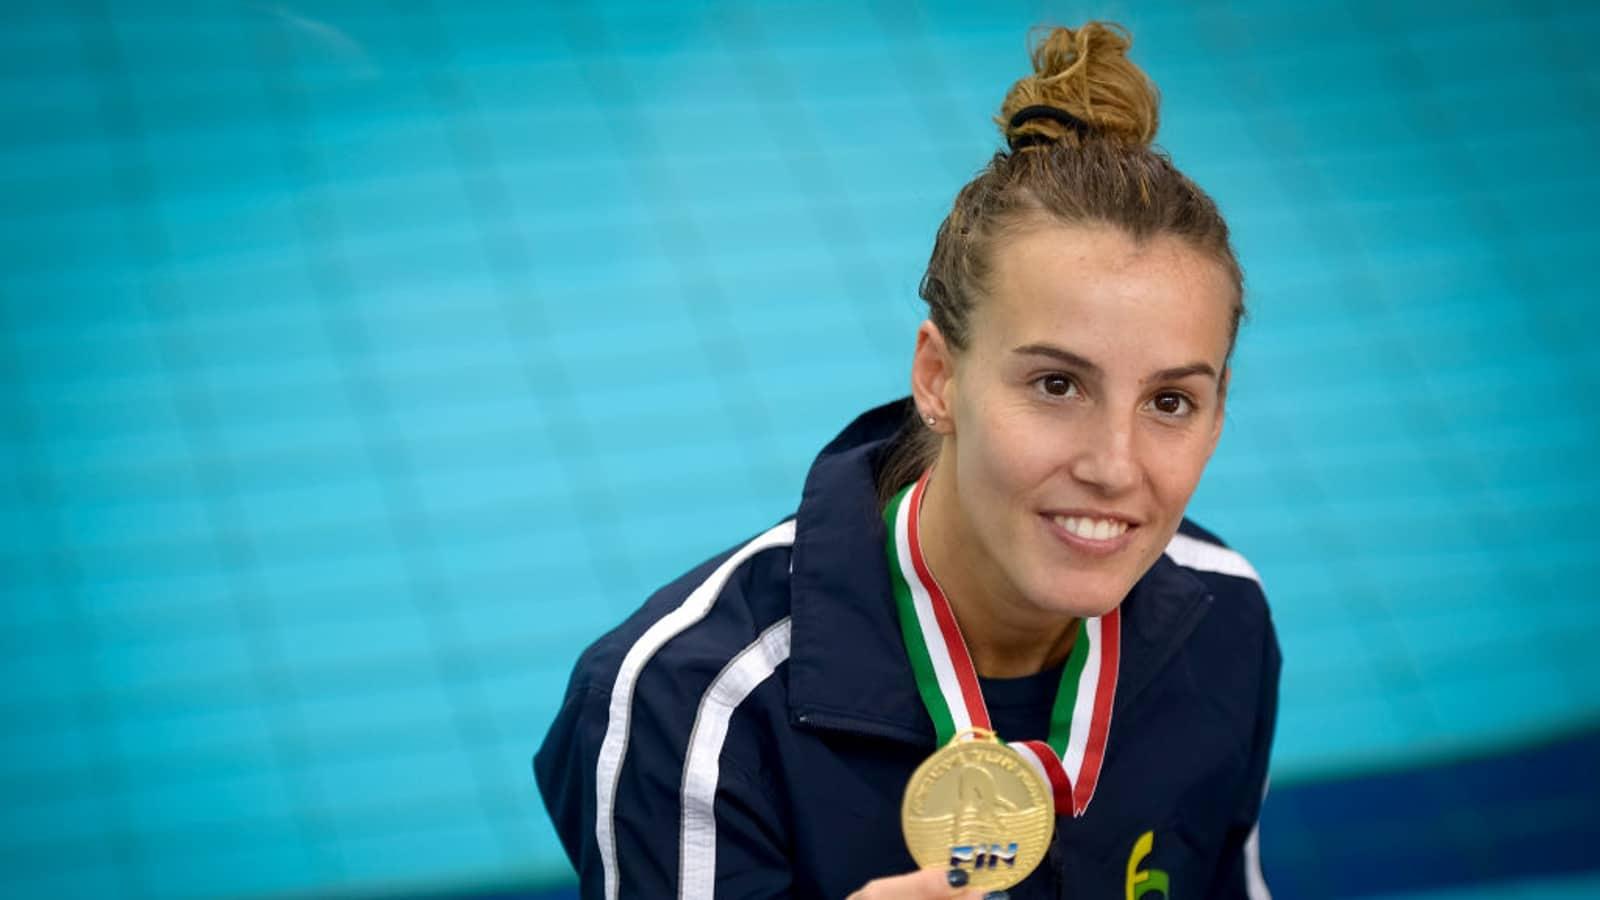 Biografia: Tania Cagnotto - età - Almanacco